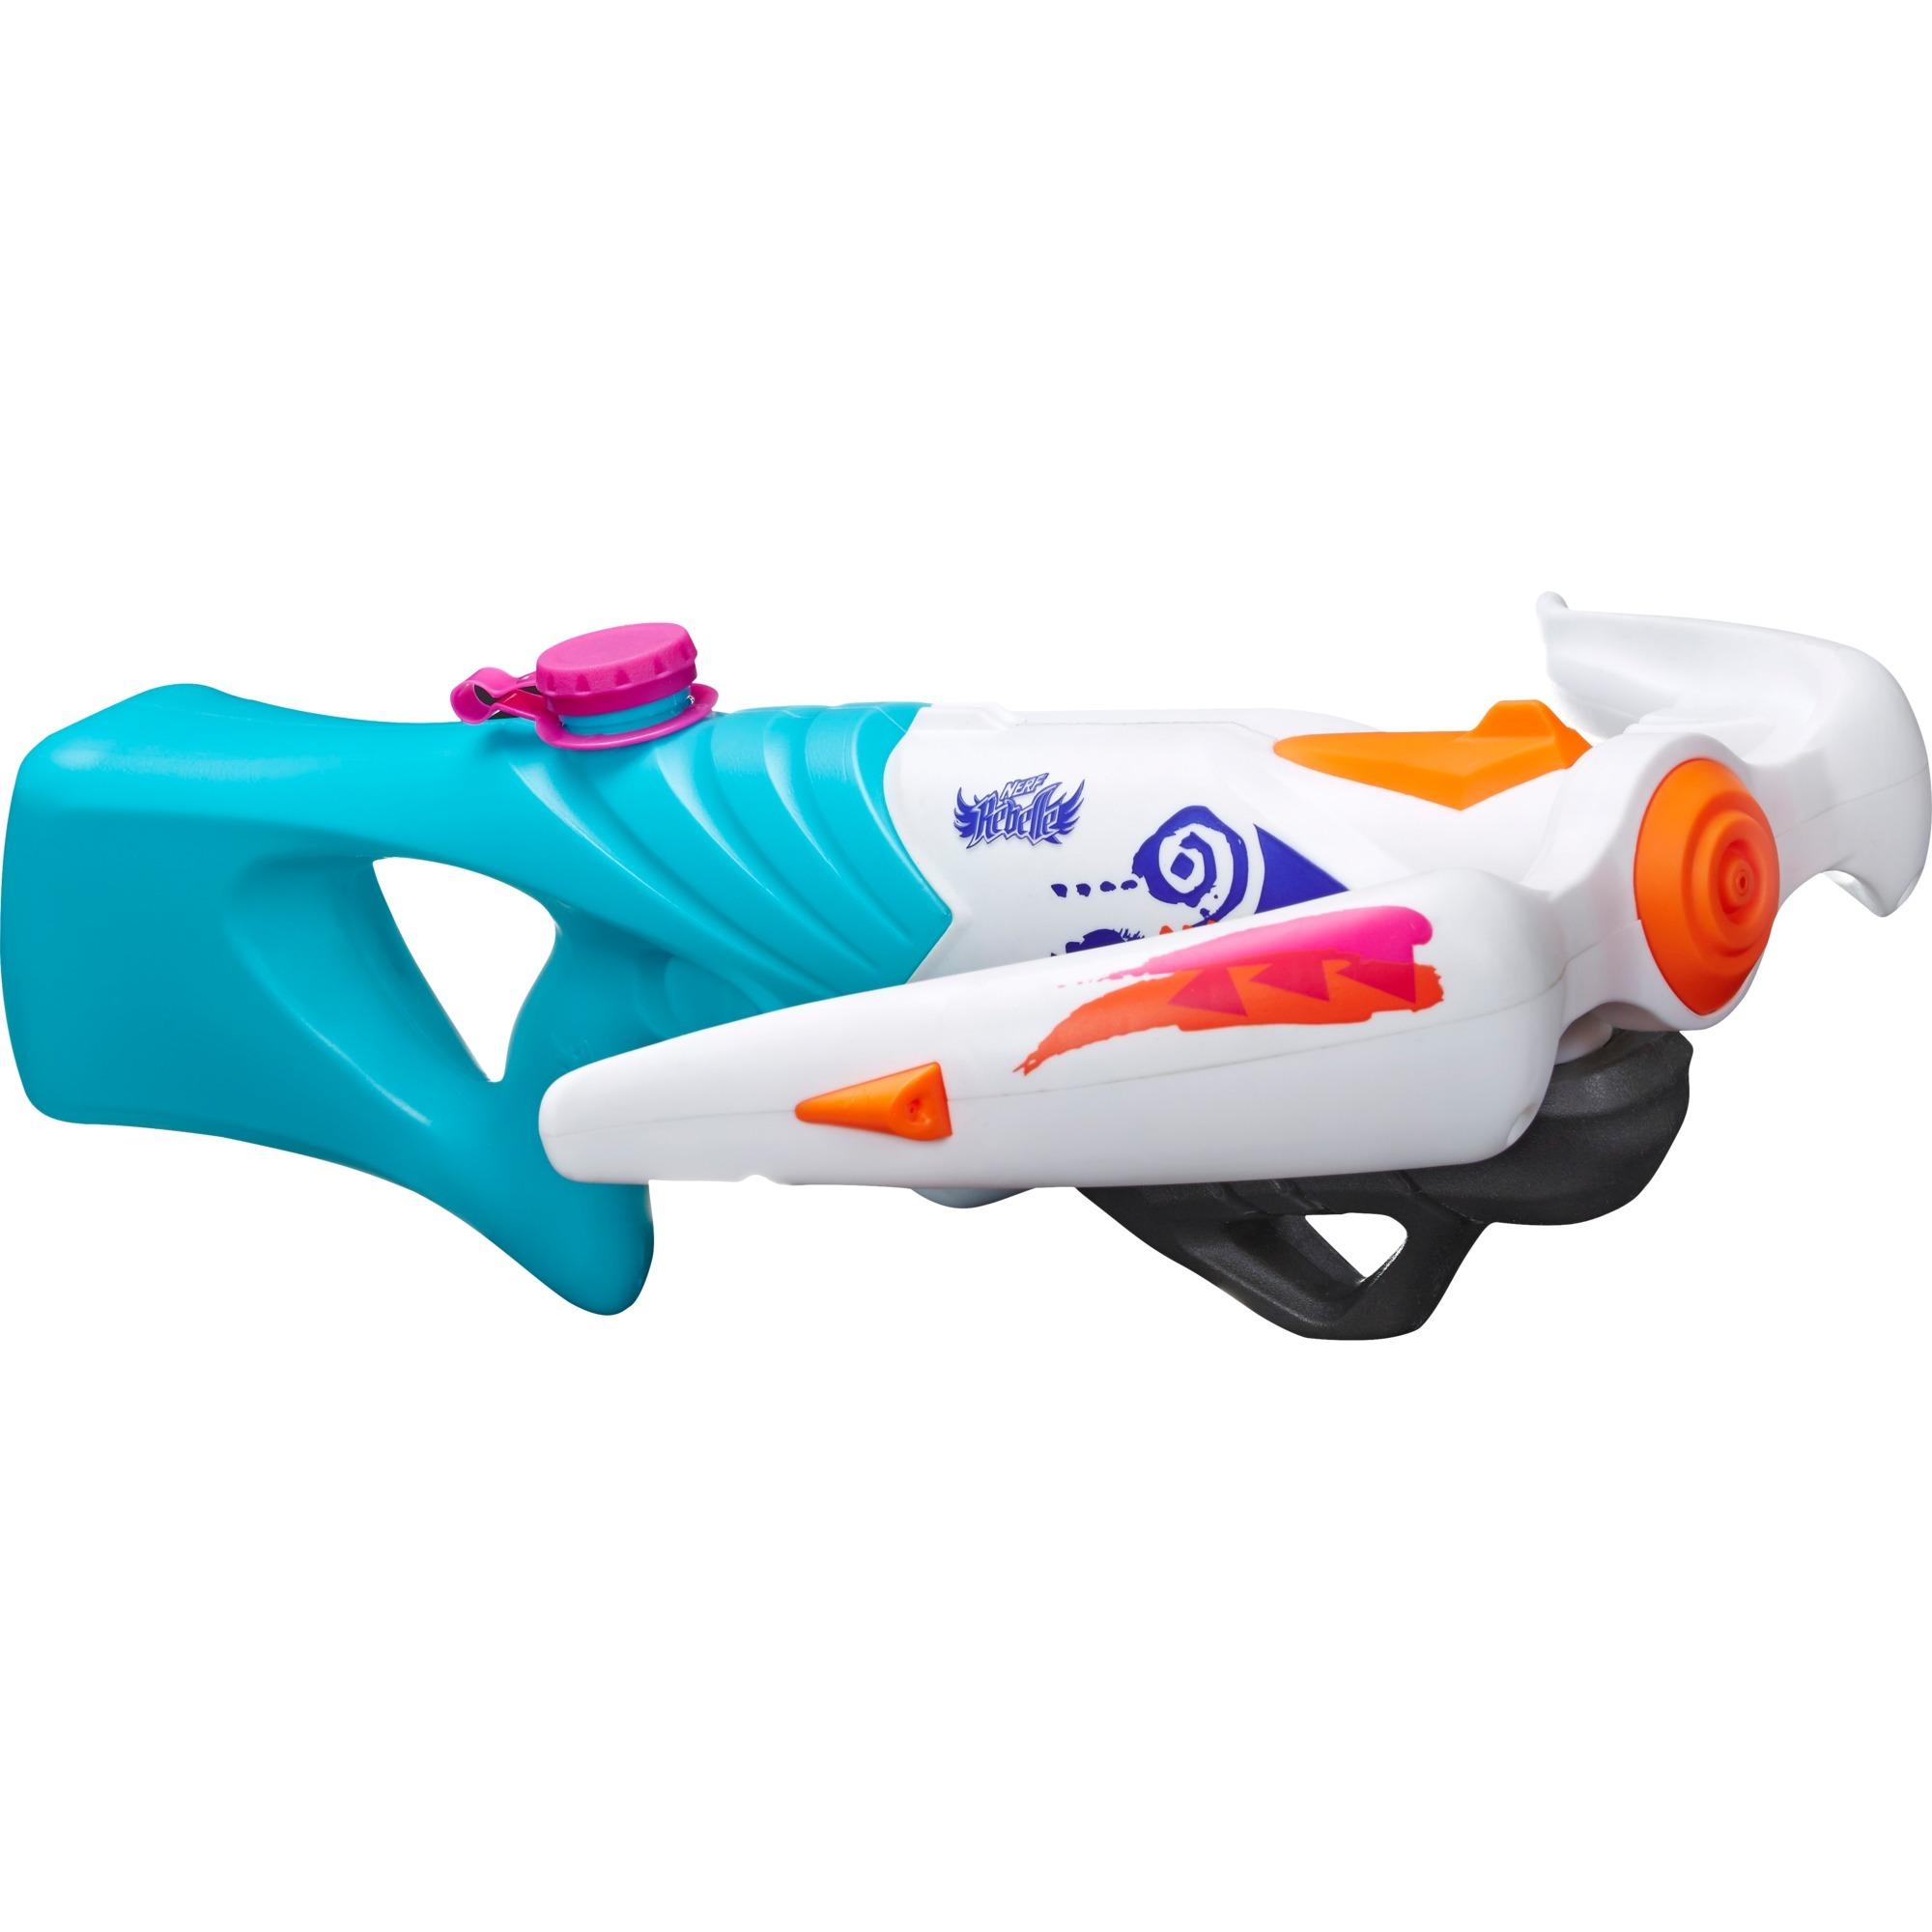 nerf-rebelle-super-soaker-triple-threat-nerf-gun